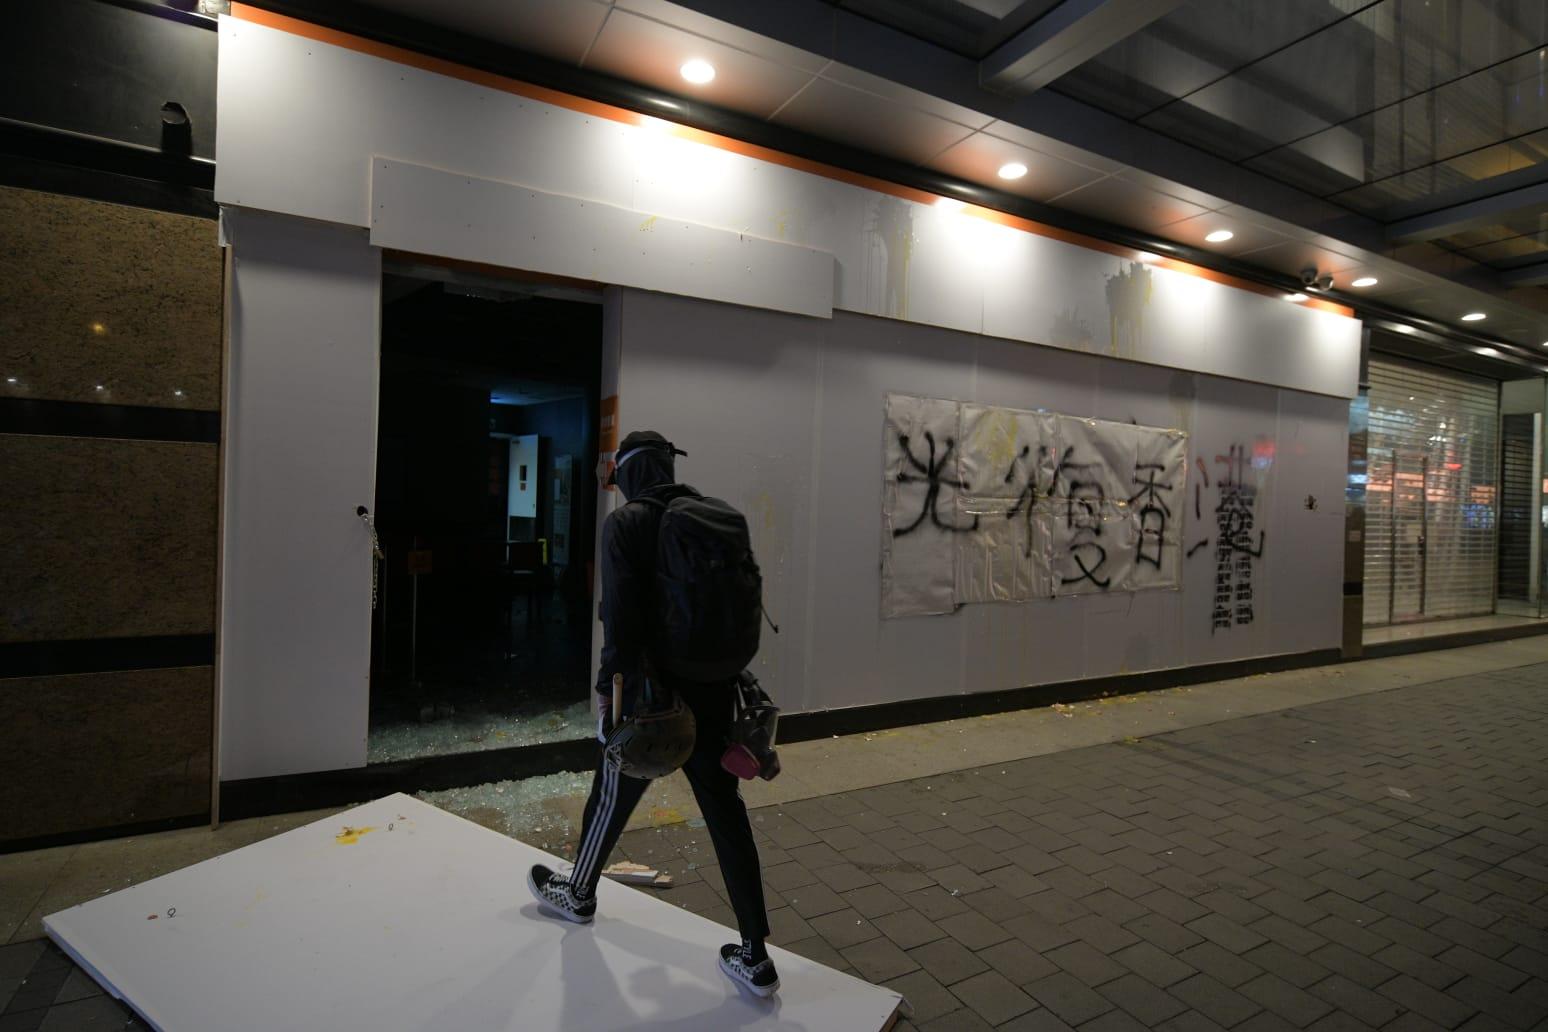 示威者破壞商店